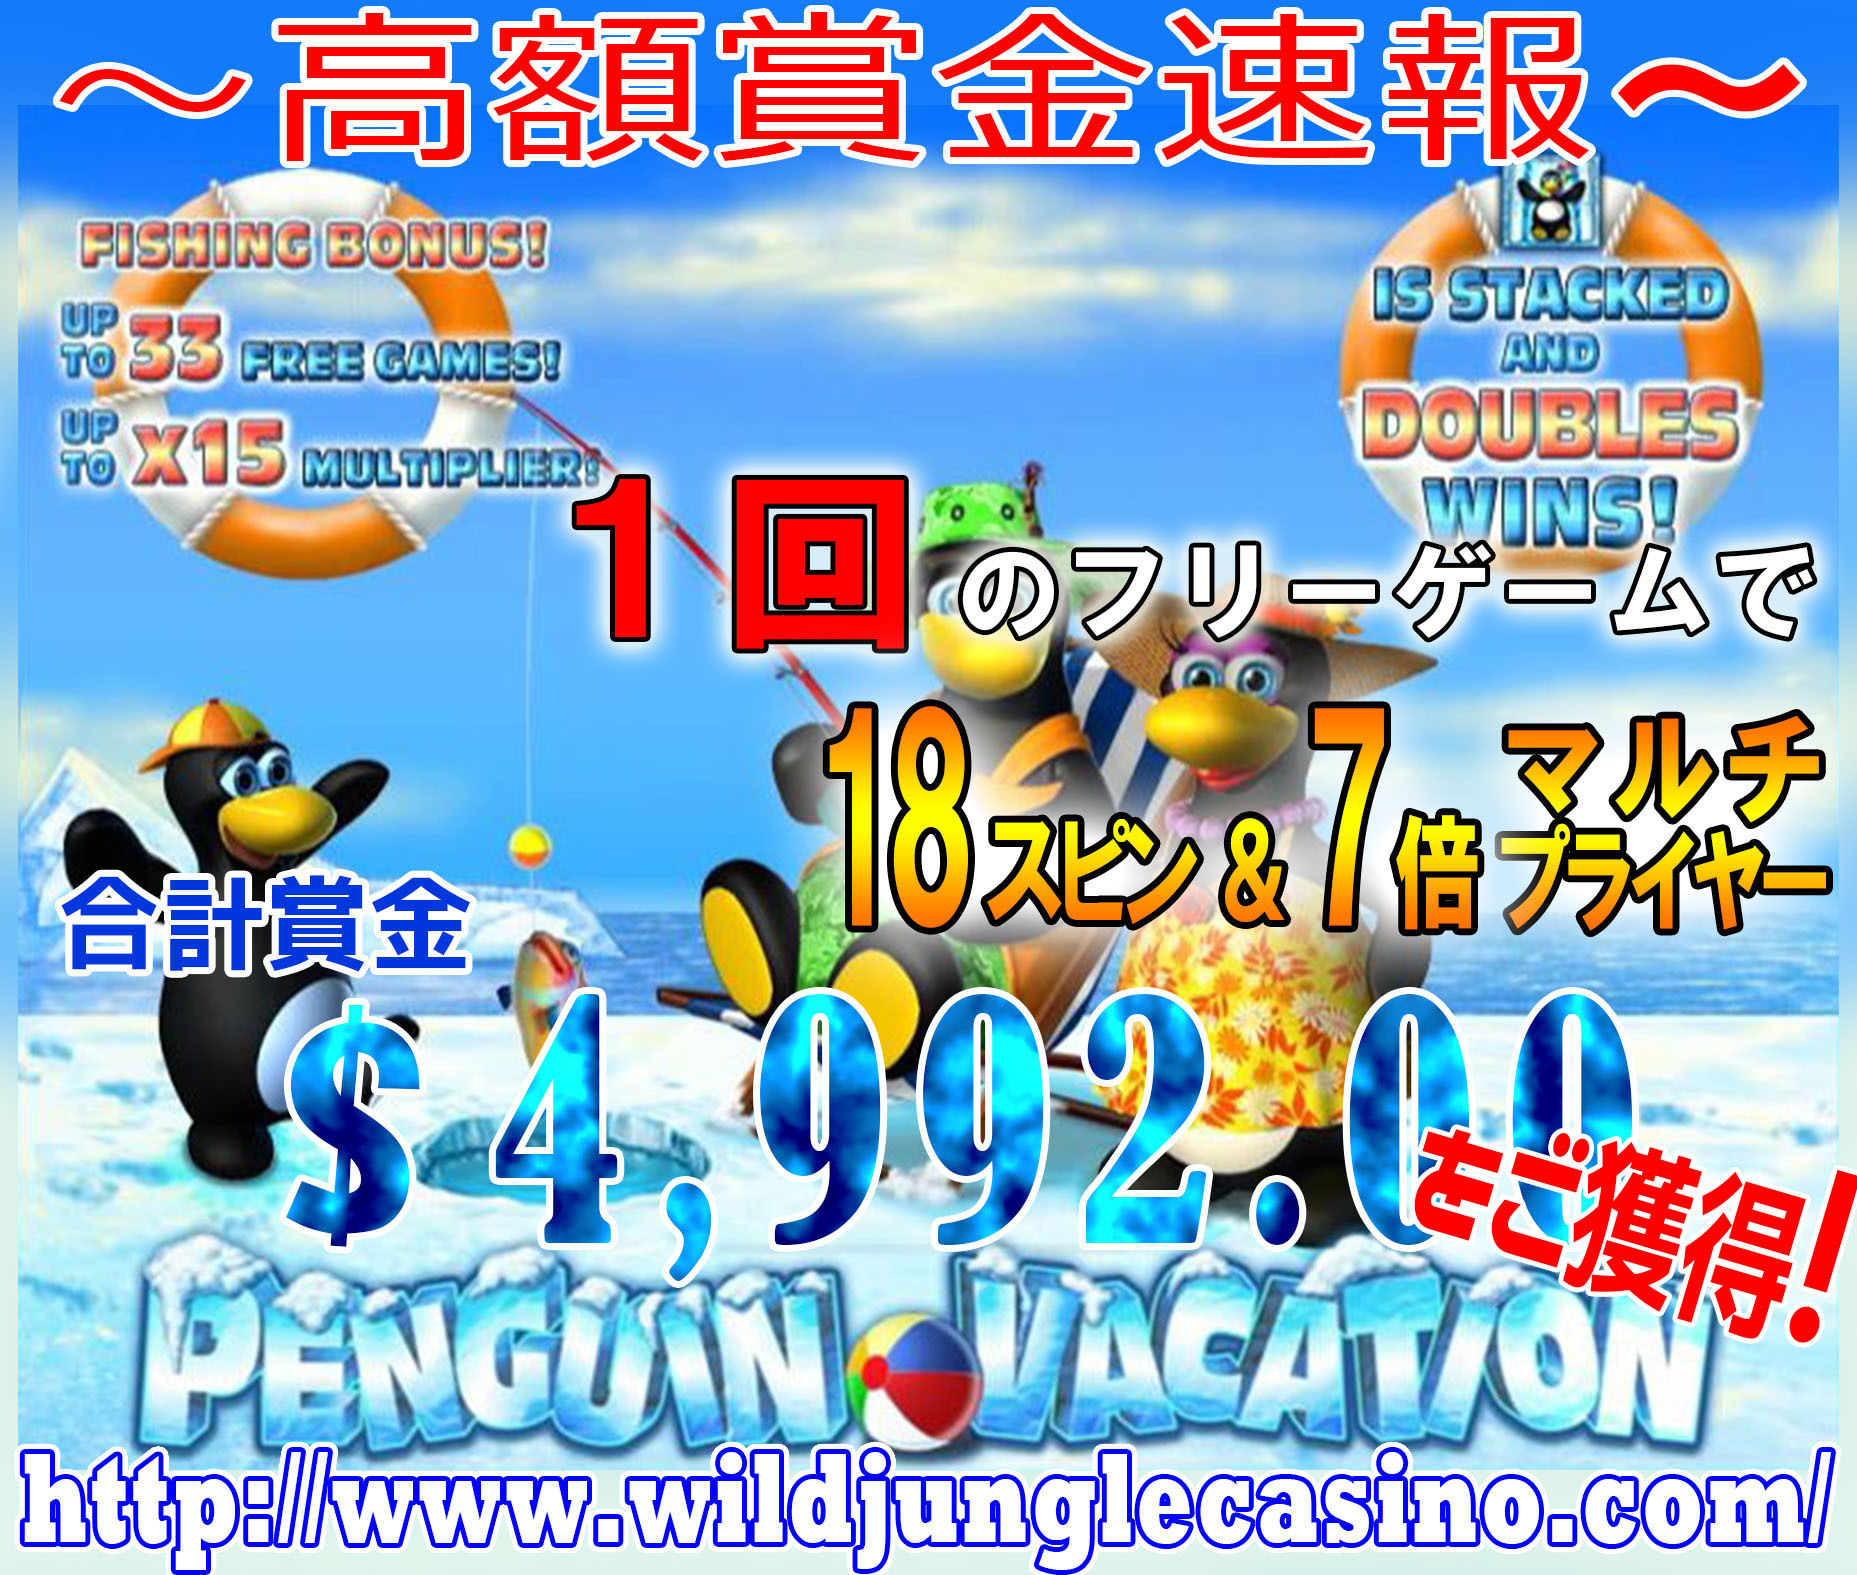 Penguin Vacationで約5000ドルの大当たり!